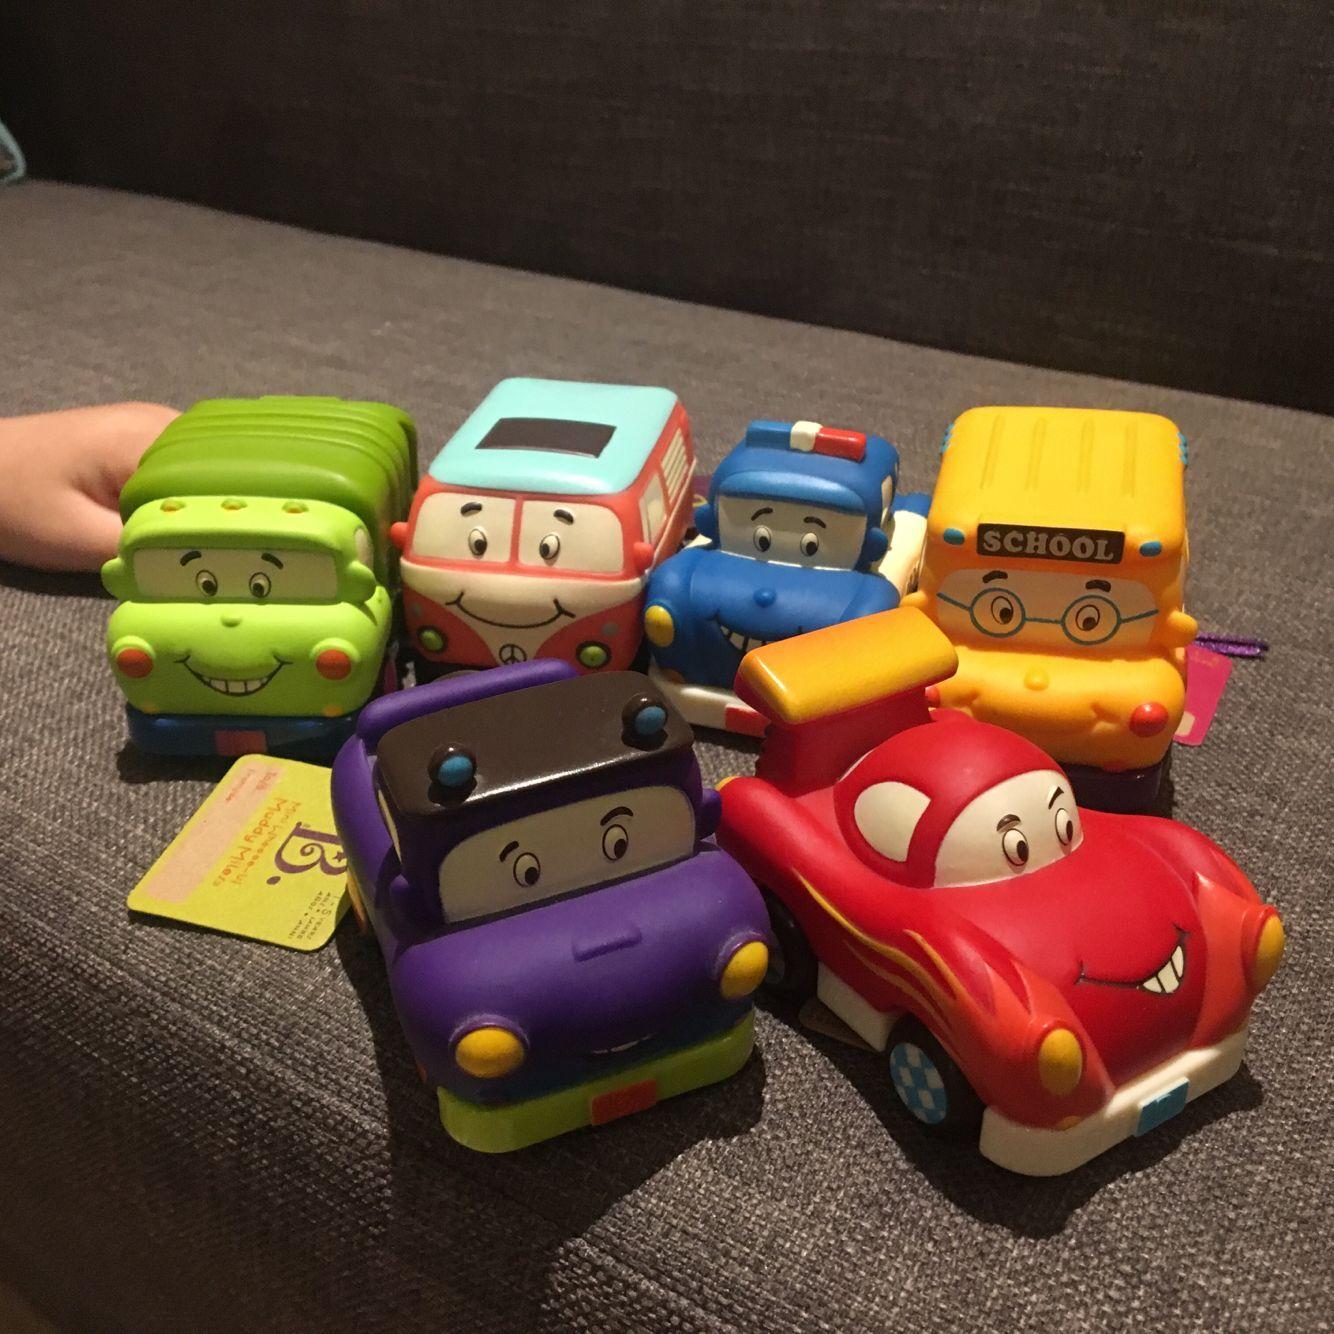 Сша B.Toys соотношение музыка мини вернуть силу автомобиль пробег группа скорость группа школьный автобус гоночный полицейская машина автобус кожанная карта игрушка